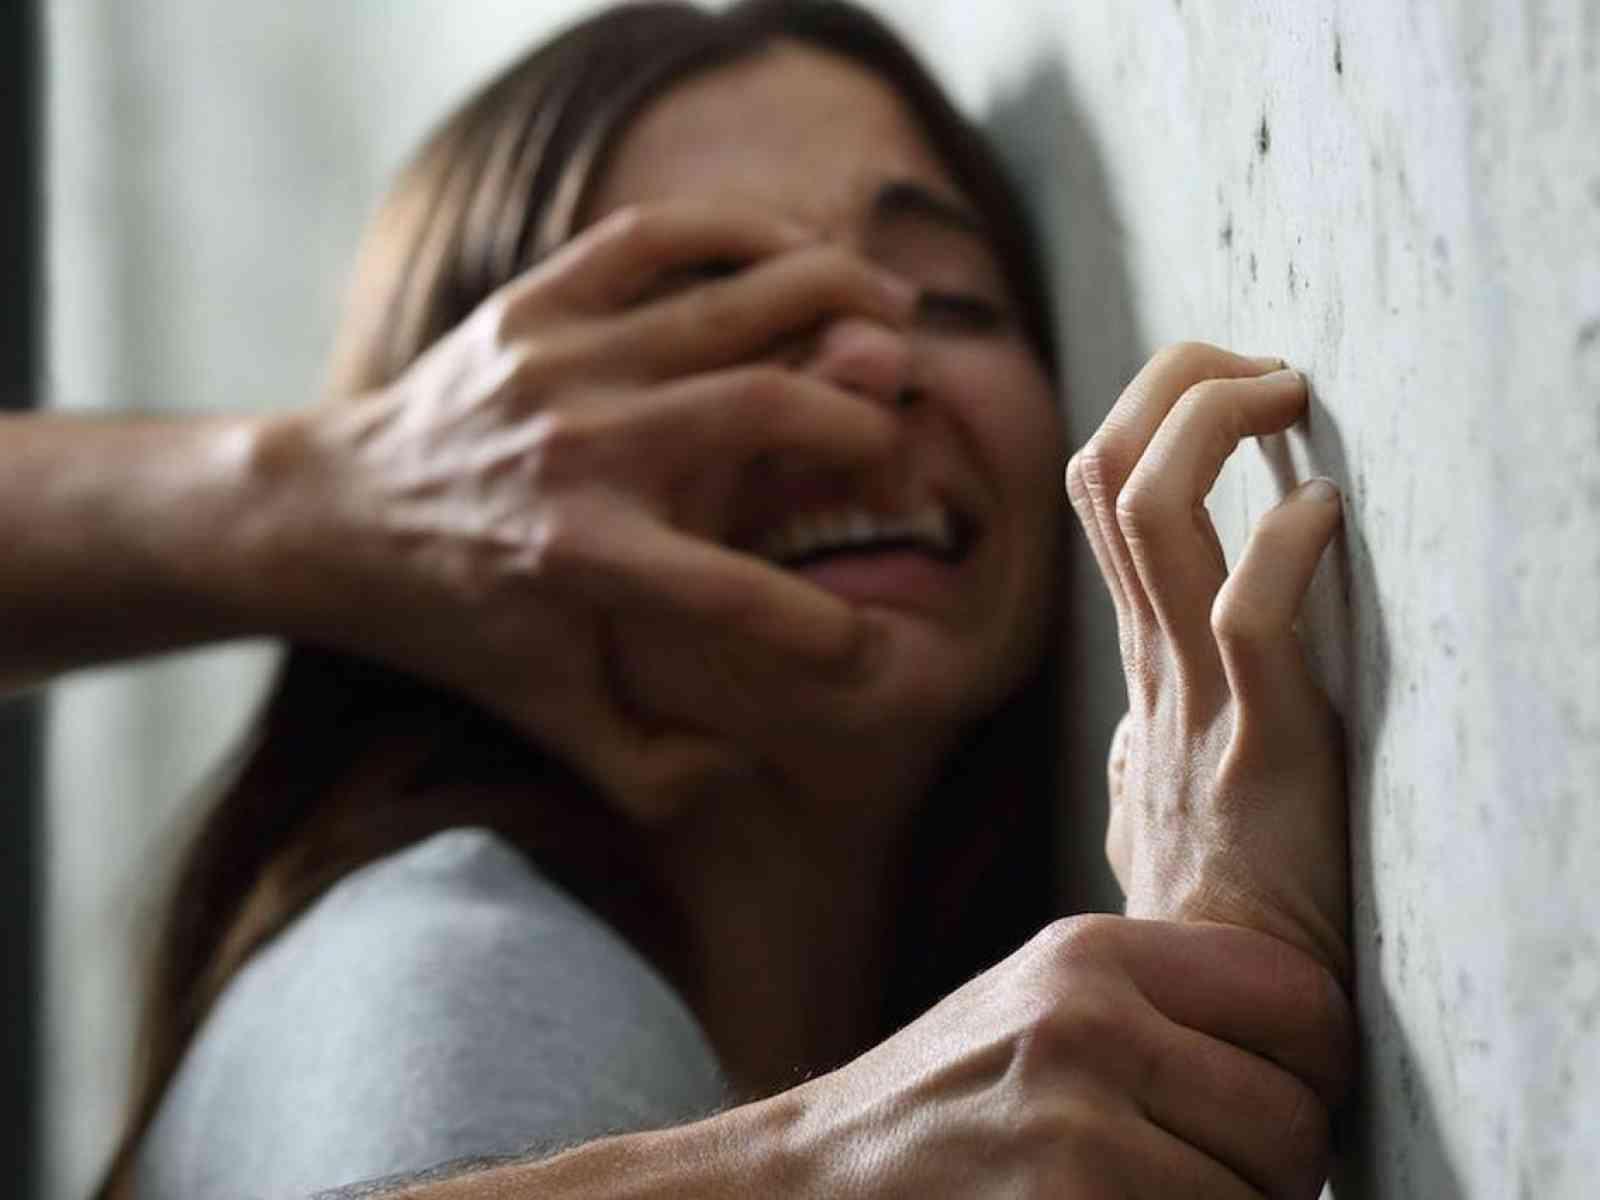 Immagine articolo: Favara, violentava la figlia davanti ai 3 nipoti: rinviato a giudizio un netturbino 50enne